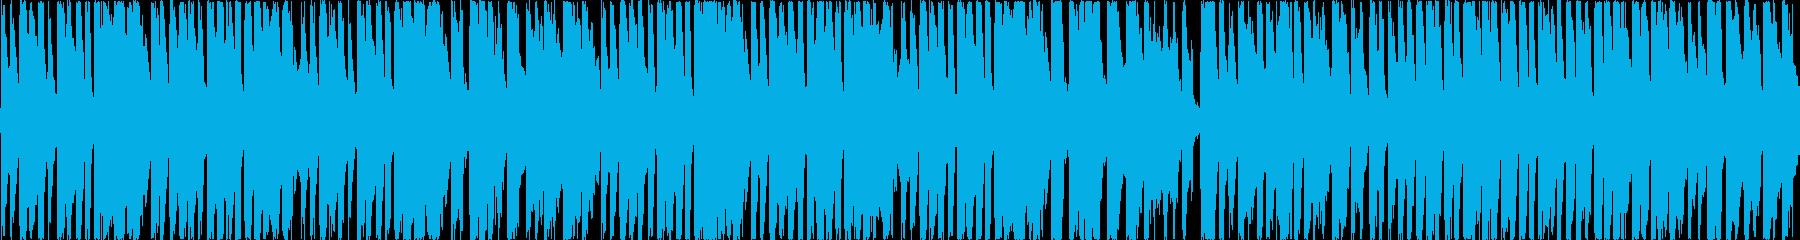 地下、洞窟のイメージ。レトロゲーム風の再生済みの波形